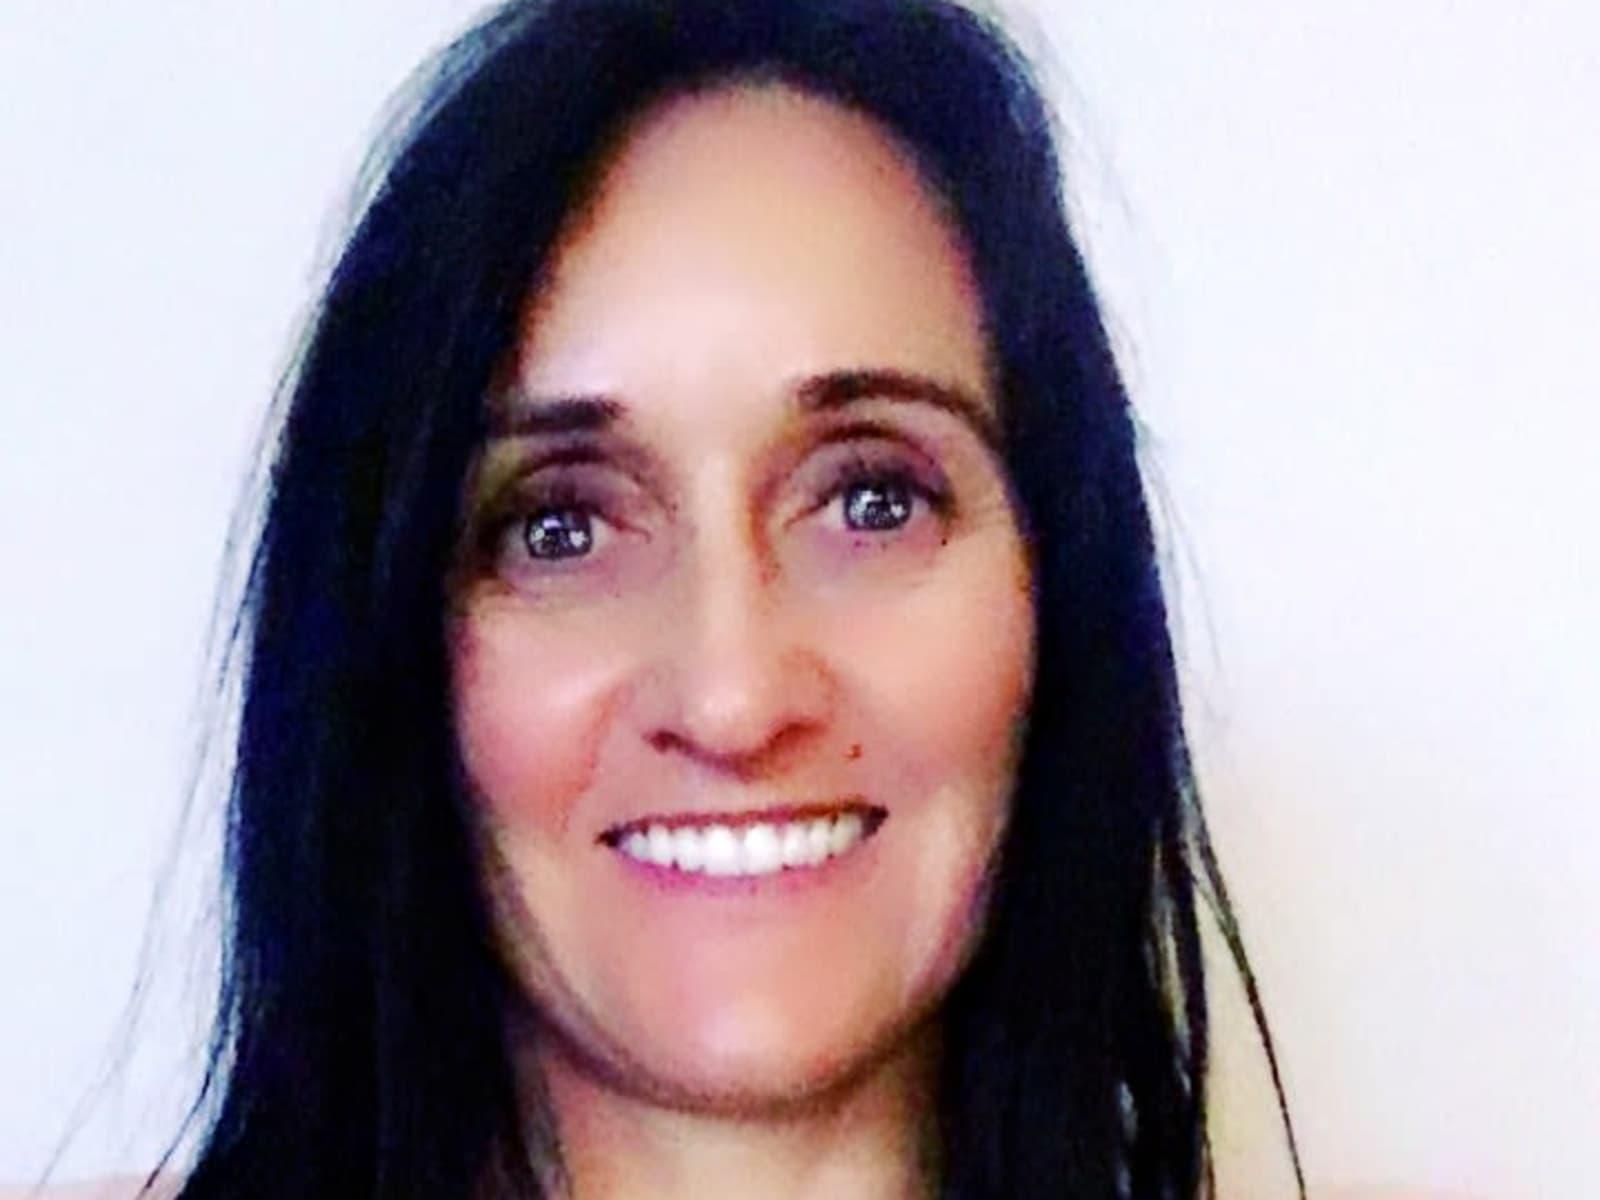 Sharon from Melbourne, Victoria, Australia